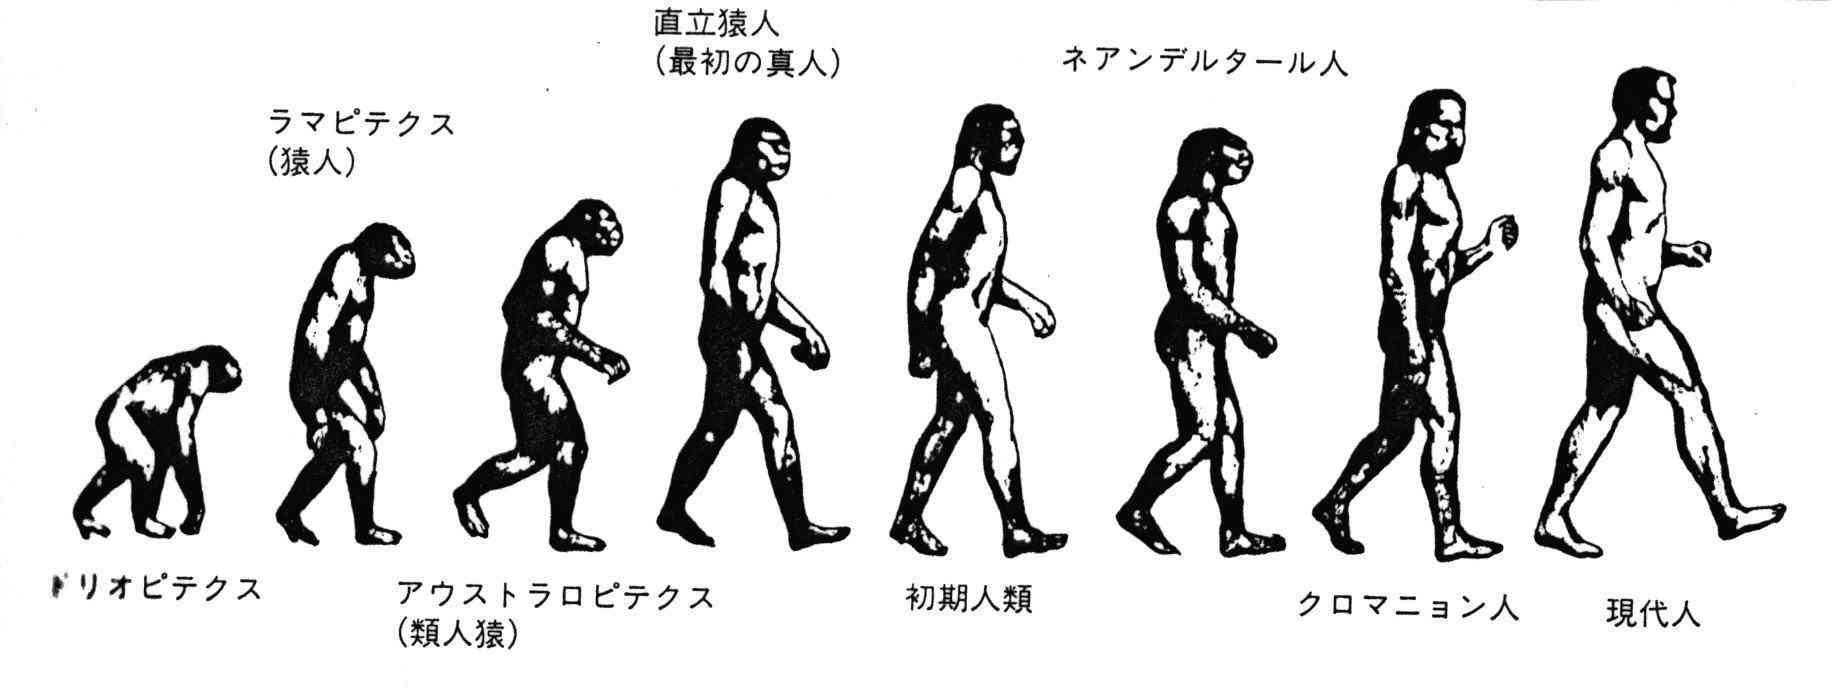 先祖を語りましょう